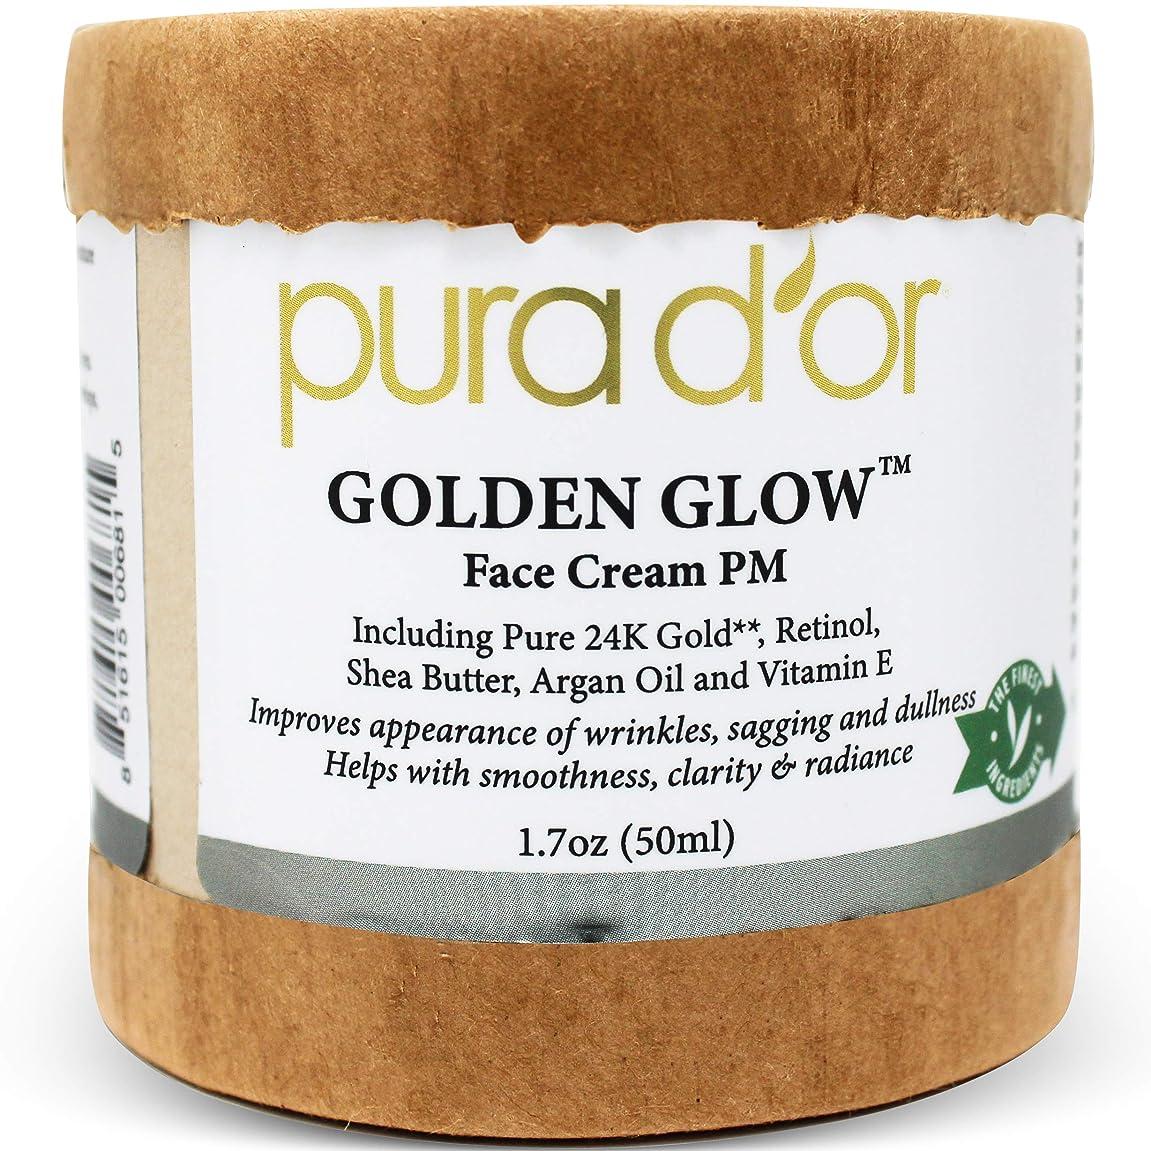 裸文化なしでPURA D'OR プラドール ゴールデングロー フェイスクリーム PM - アンチエイジングフェイスクリーム 純金(24金)配合 引き締まったお肌に、シワを目立たなくする、より明るいお肌に(50ml(1.7オンス)) 50ml(1.7オンス)